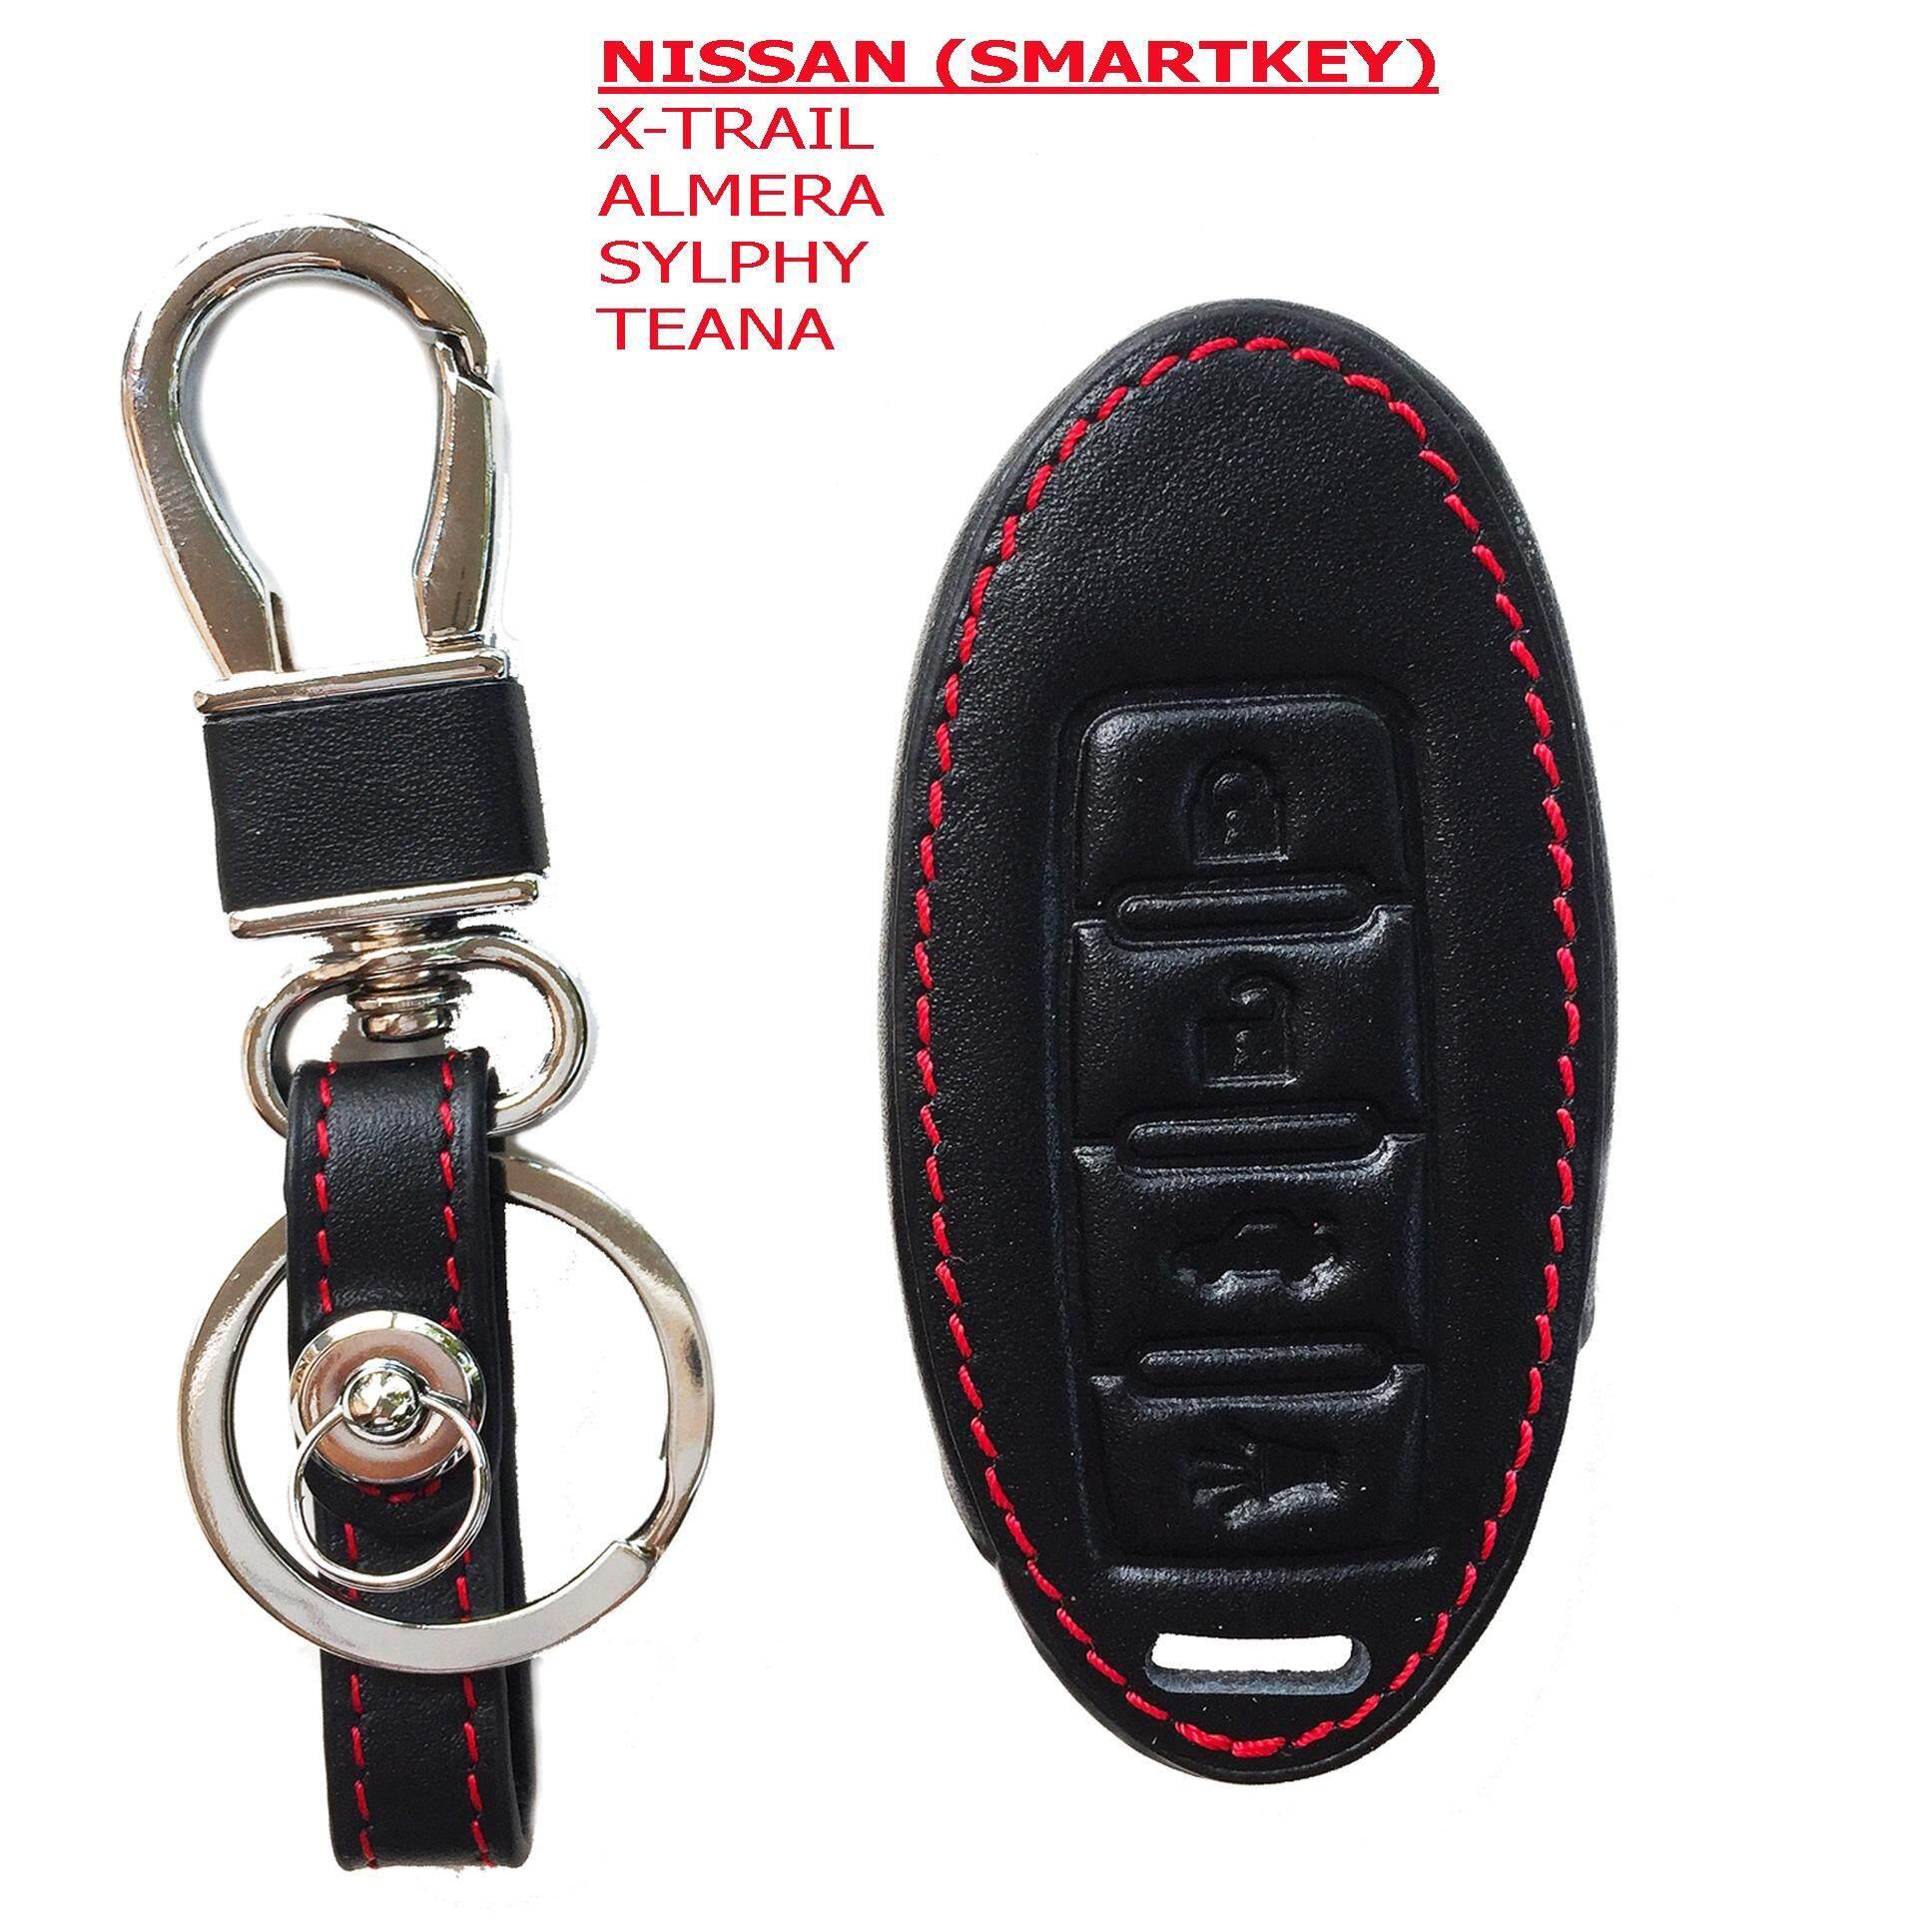 ราคา ซองหนังแท้ ใส่กุญแจรีโมทรถยนต์ ซองหนังหุ้มกุญแจรถยนต์ ซองกุญแจหนังสำหรับ Nissan X Trail Almera Sylphy Teana 4 ปุ่ม Smart Key สีดำ Nissan ออนไลน์